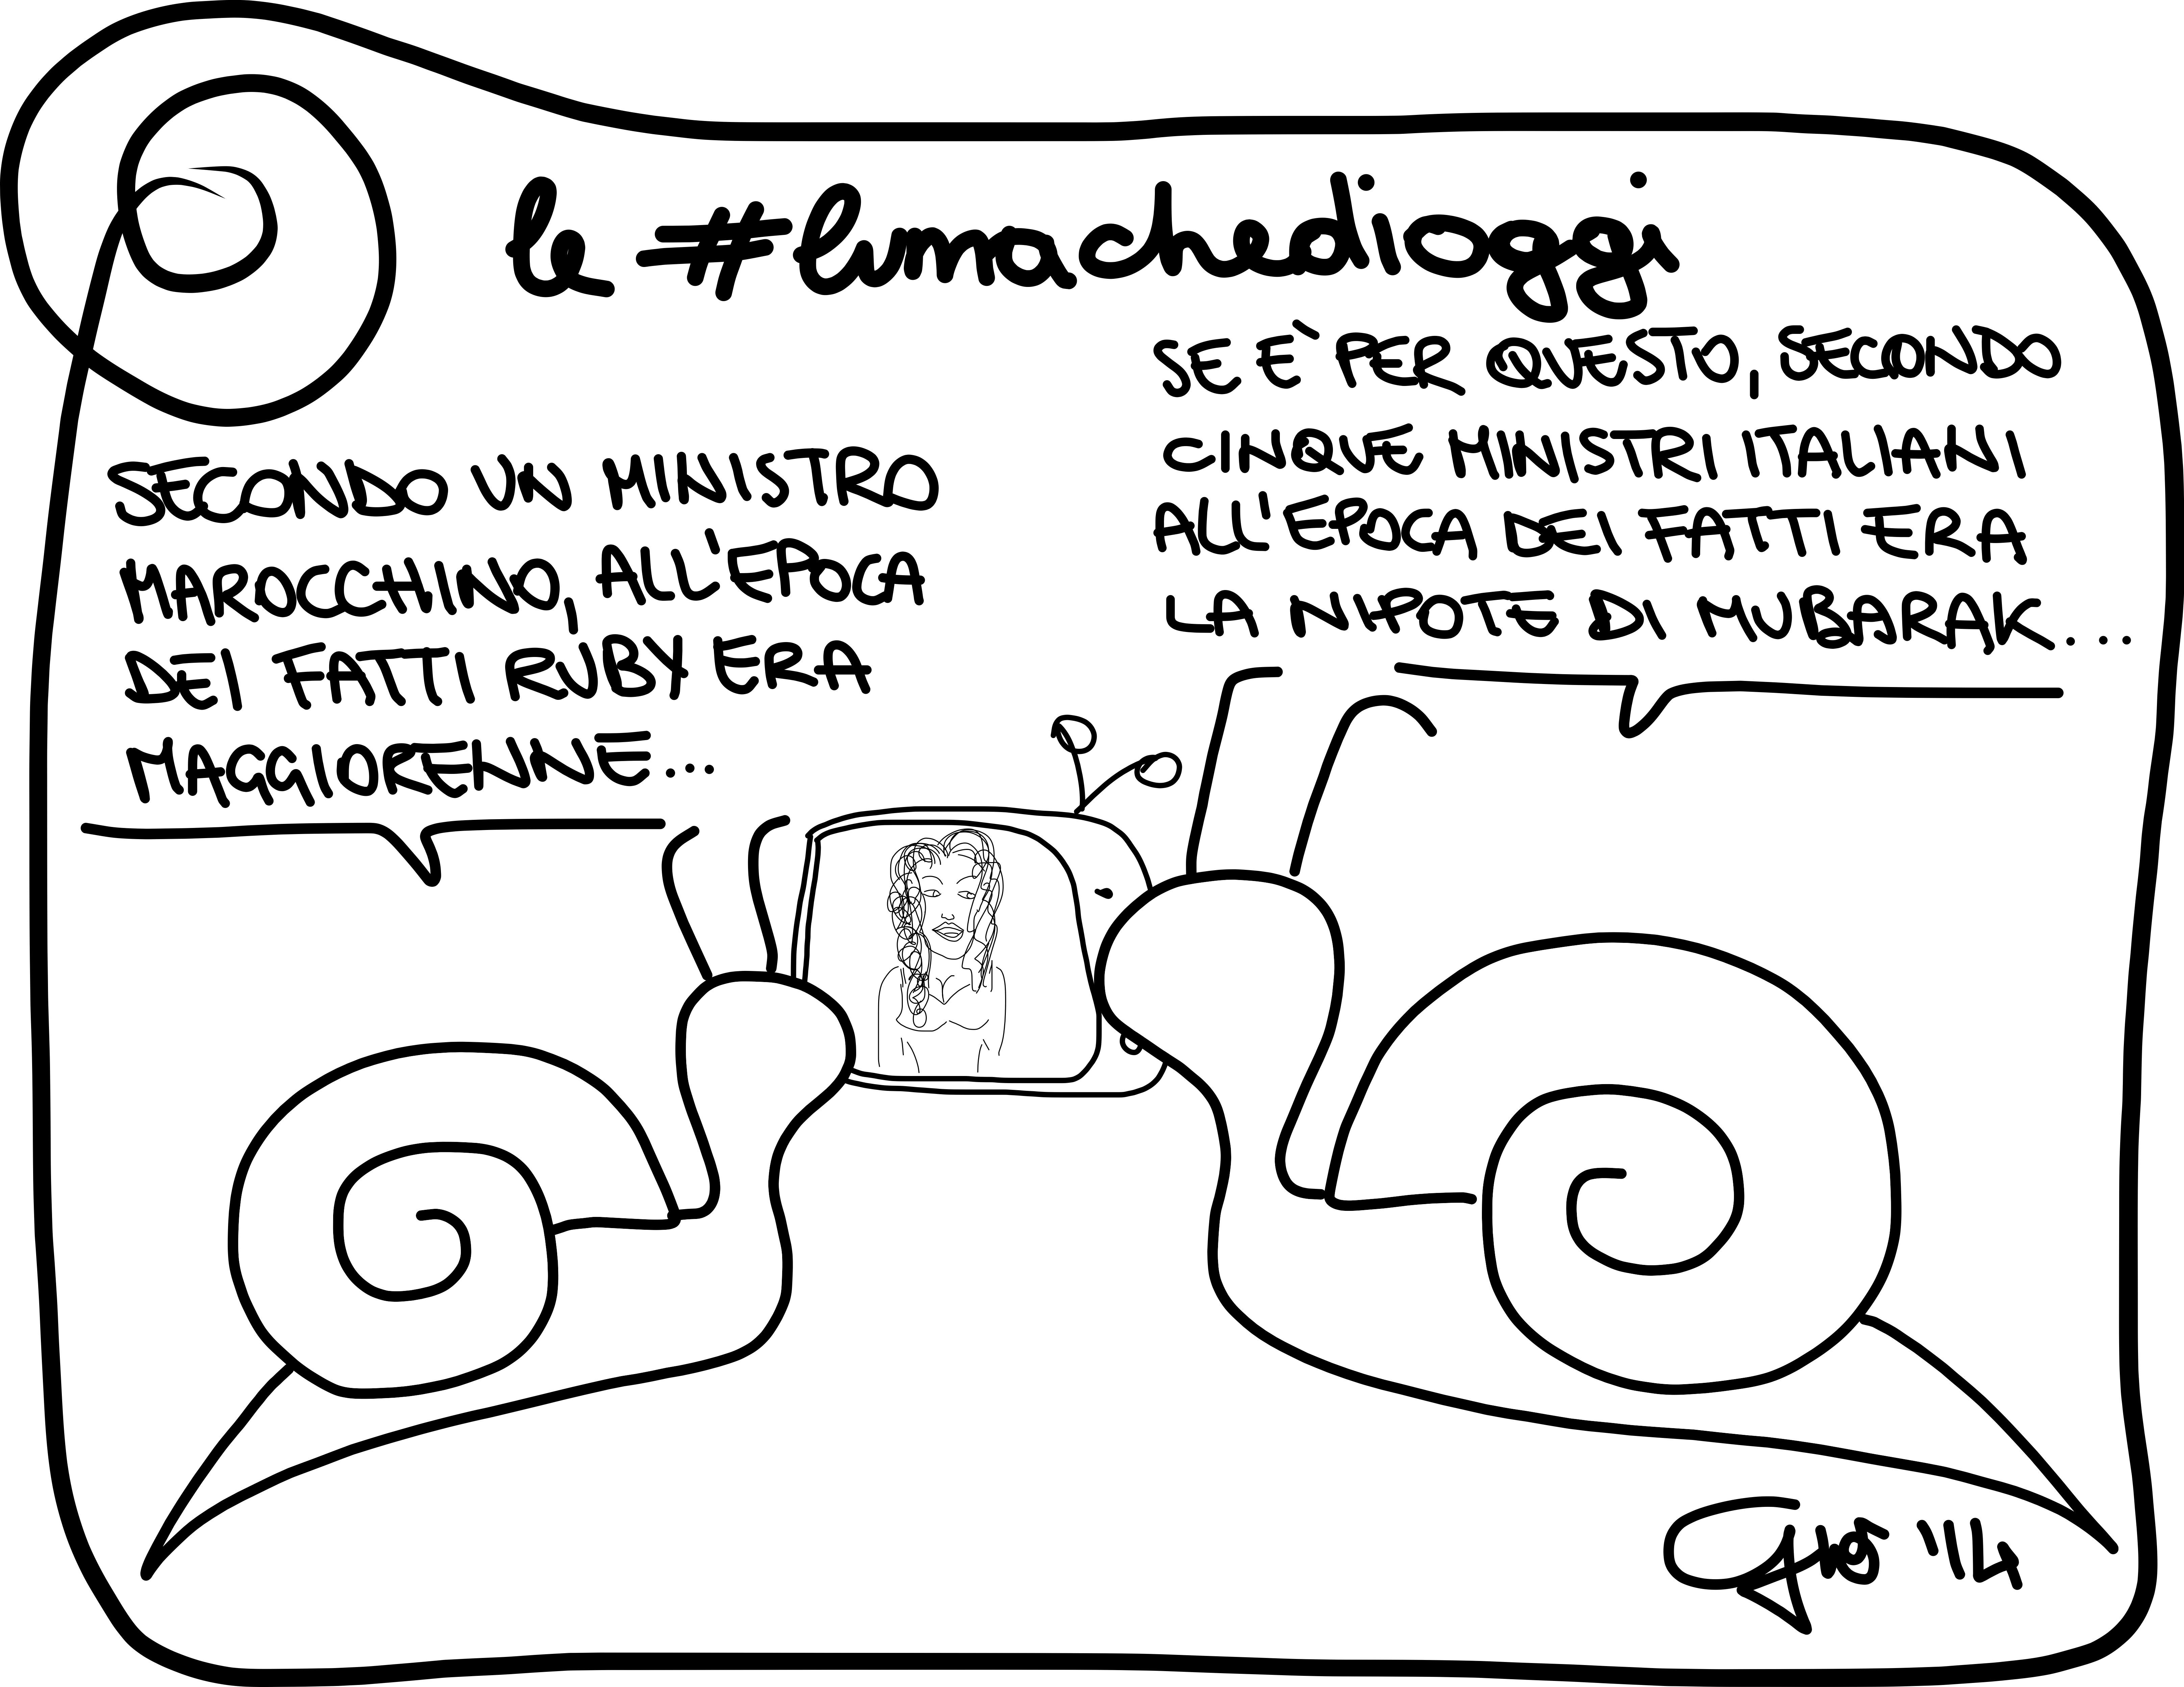 #lumachedioggi di Giovanni Laccetti del 28.1.2014